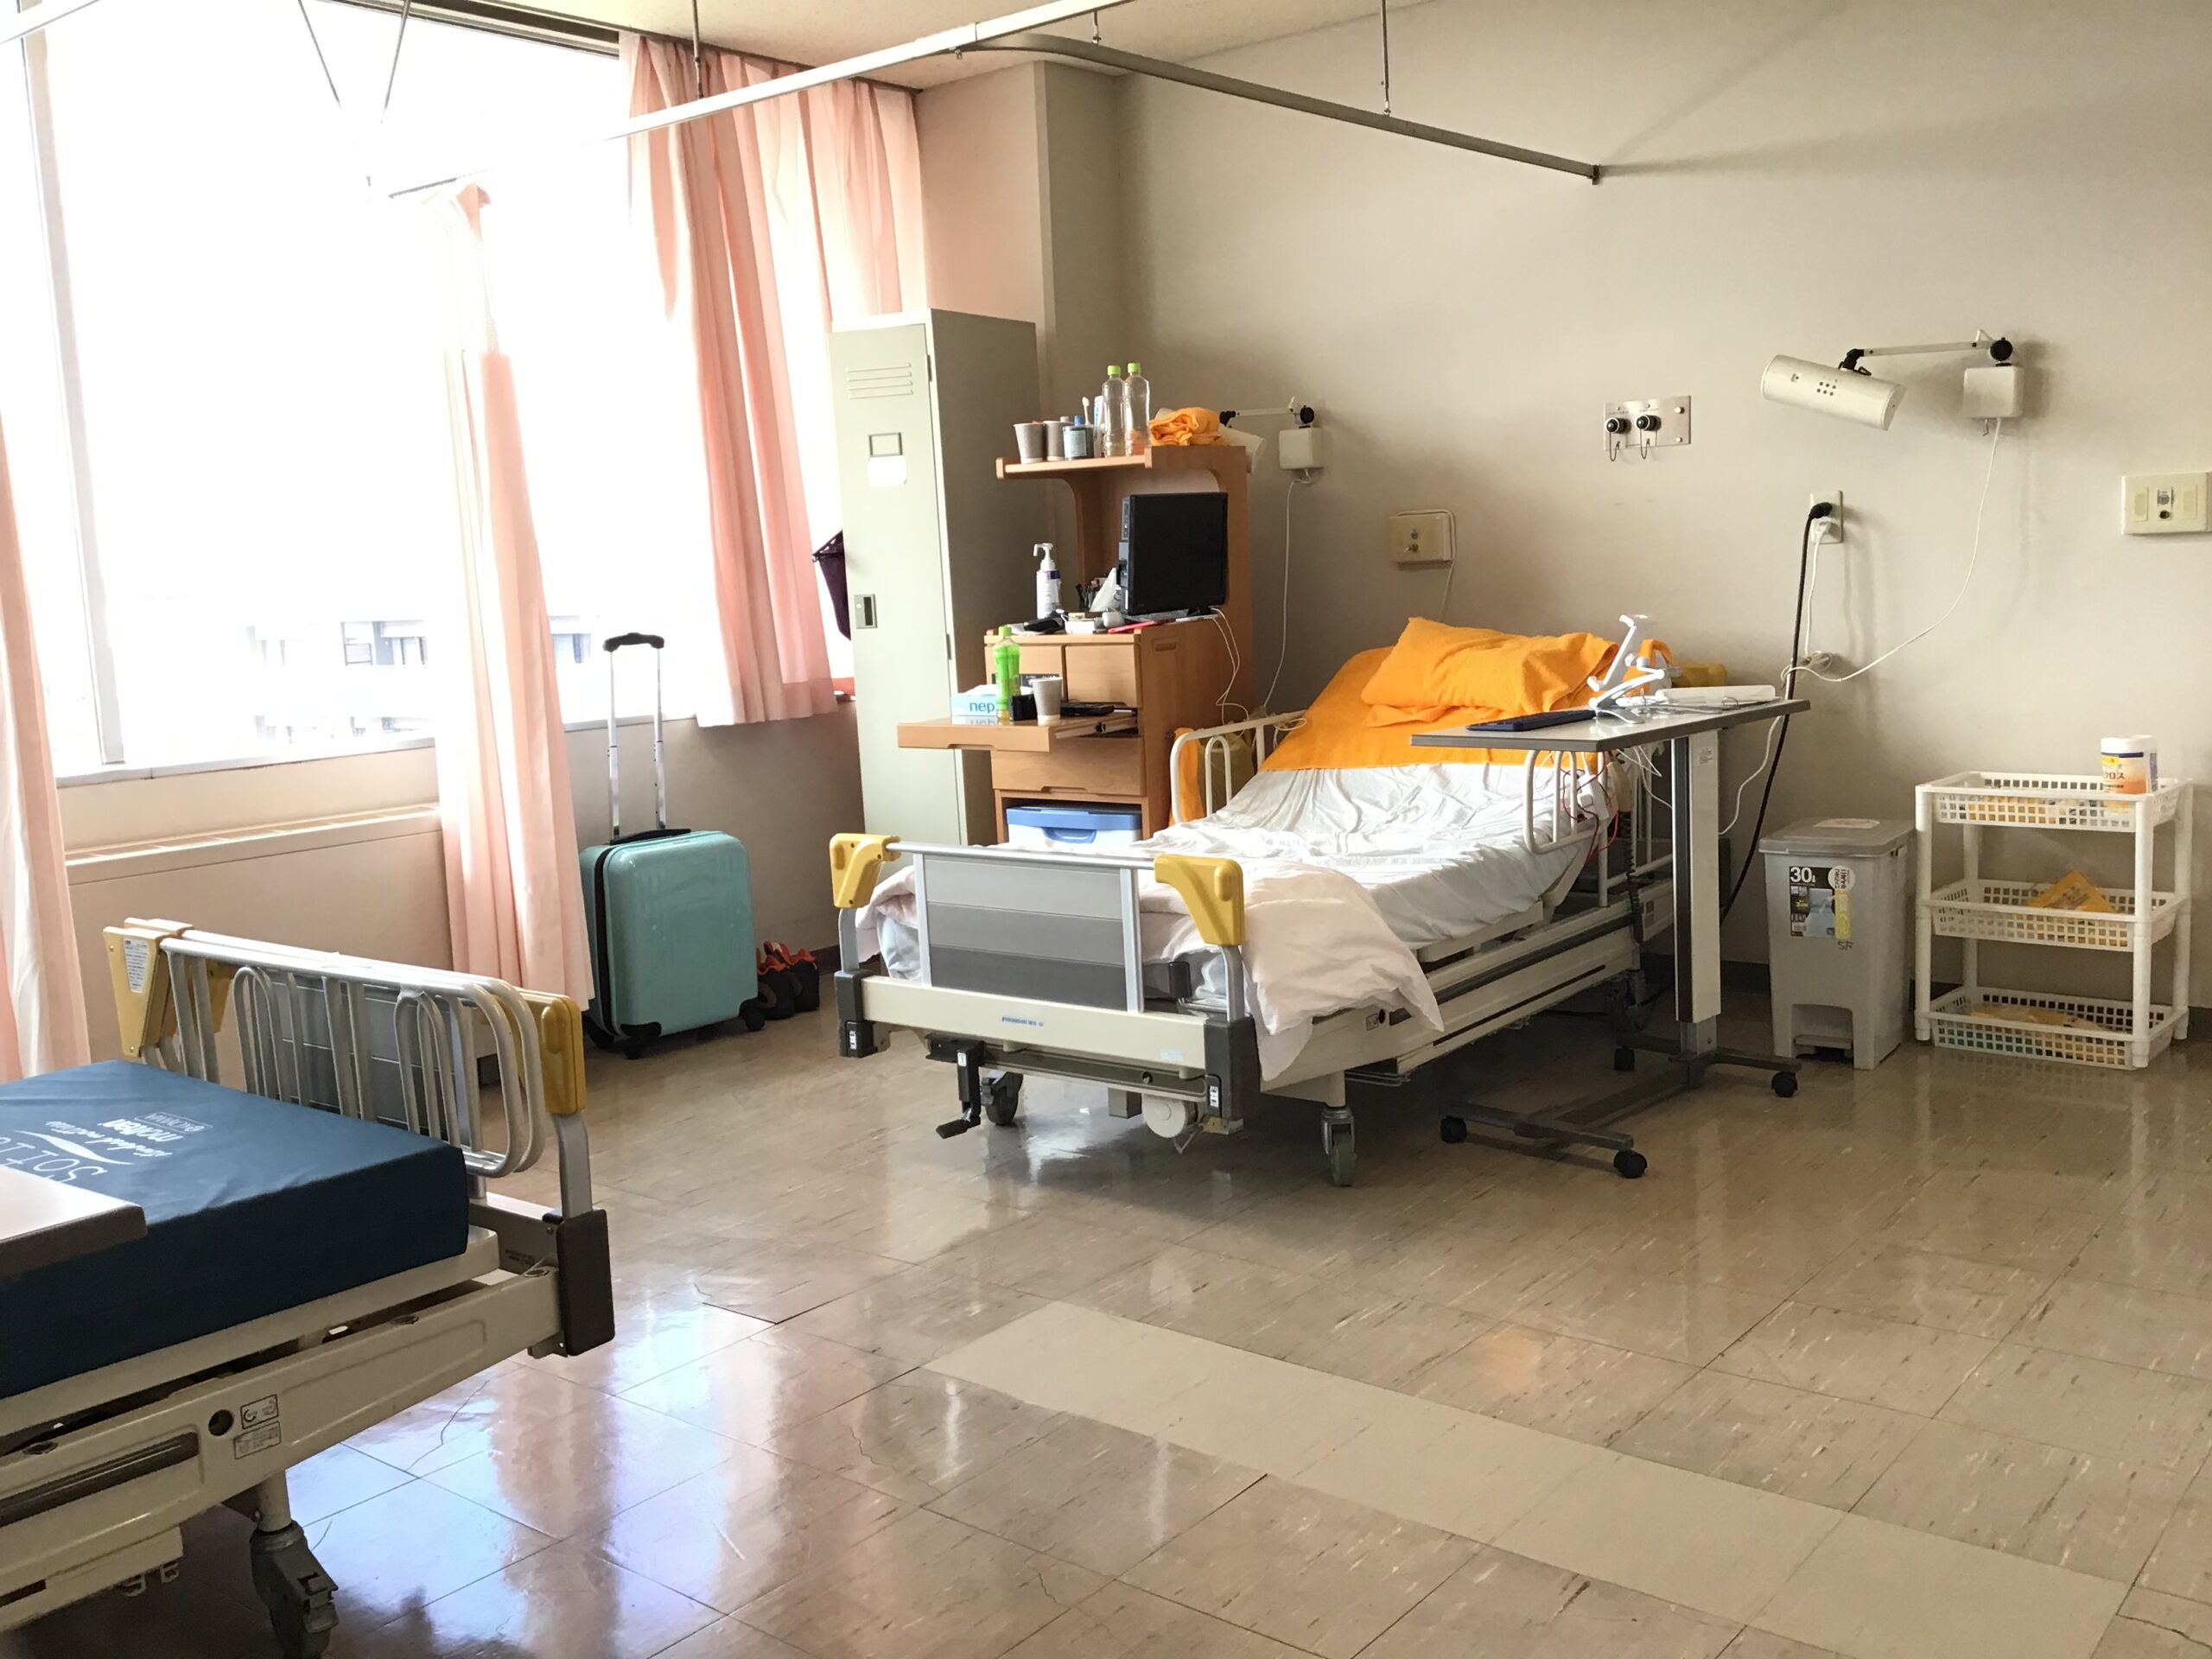 コロナ対応病棟での入院生活 掃除は、自分で!